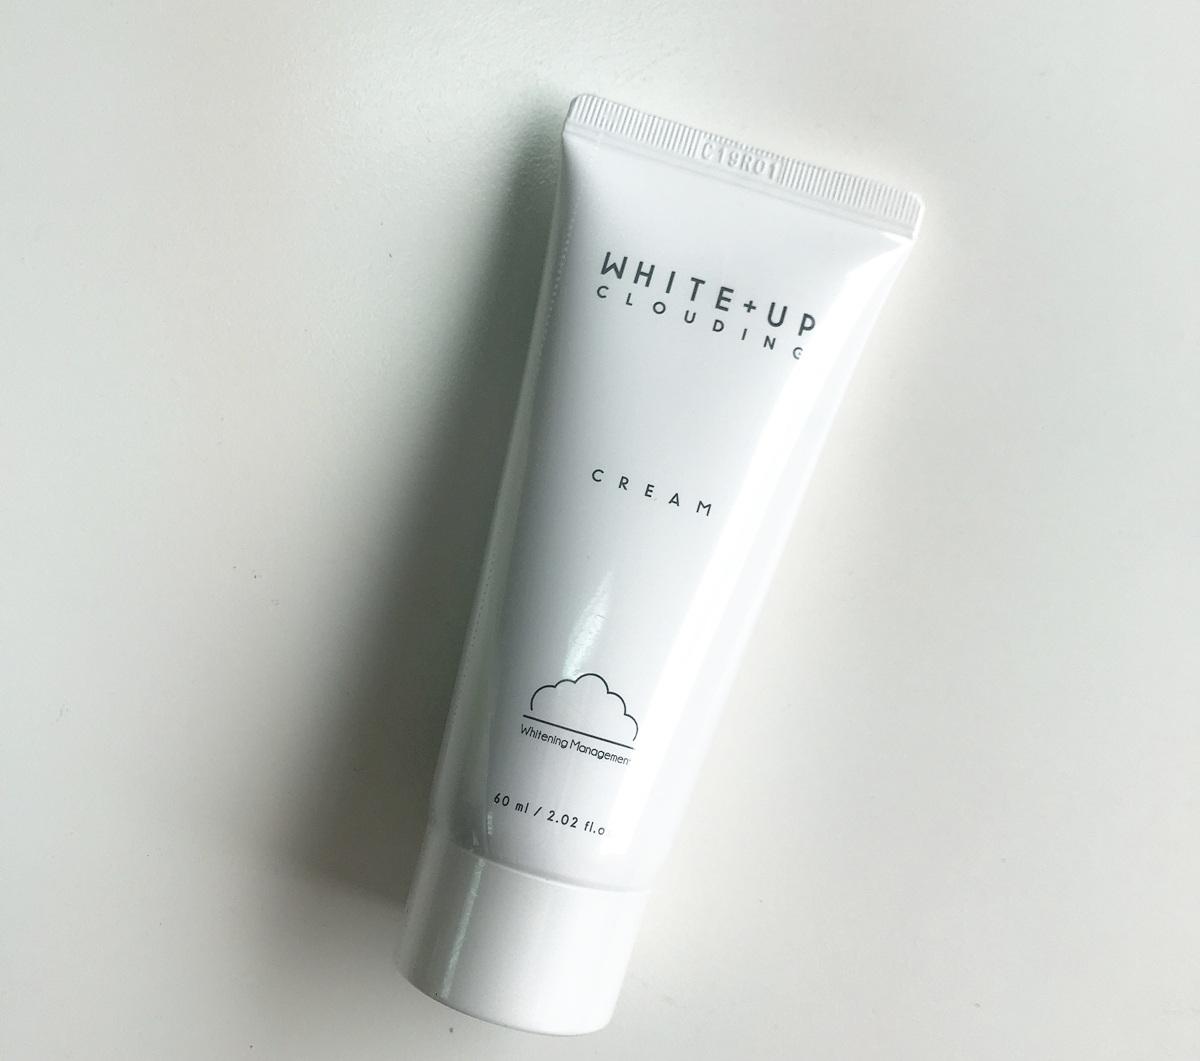 這款美白霜的主要成分為牛奶的蛋白質萃取物,可以維持肌膚的白潤感,而所含有的谷胱甘肽則可以幫助肌膚找回原始的透亮感!